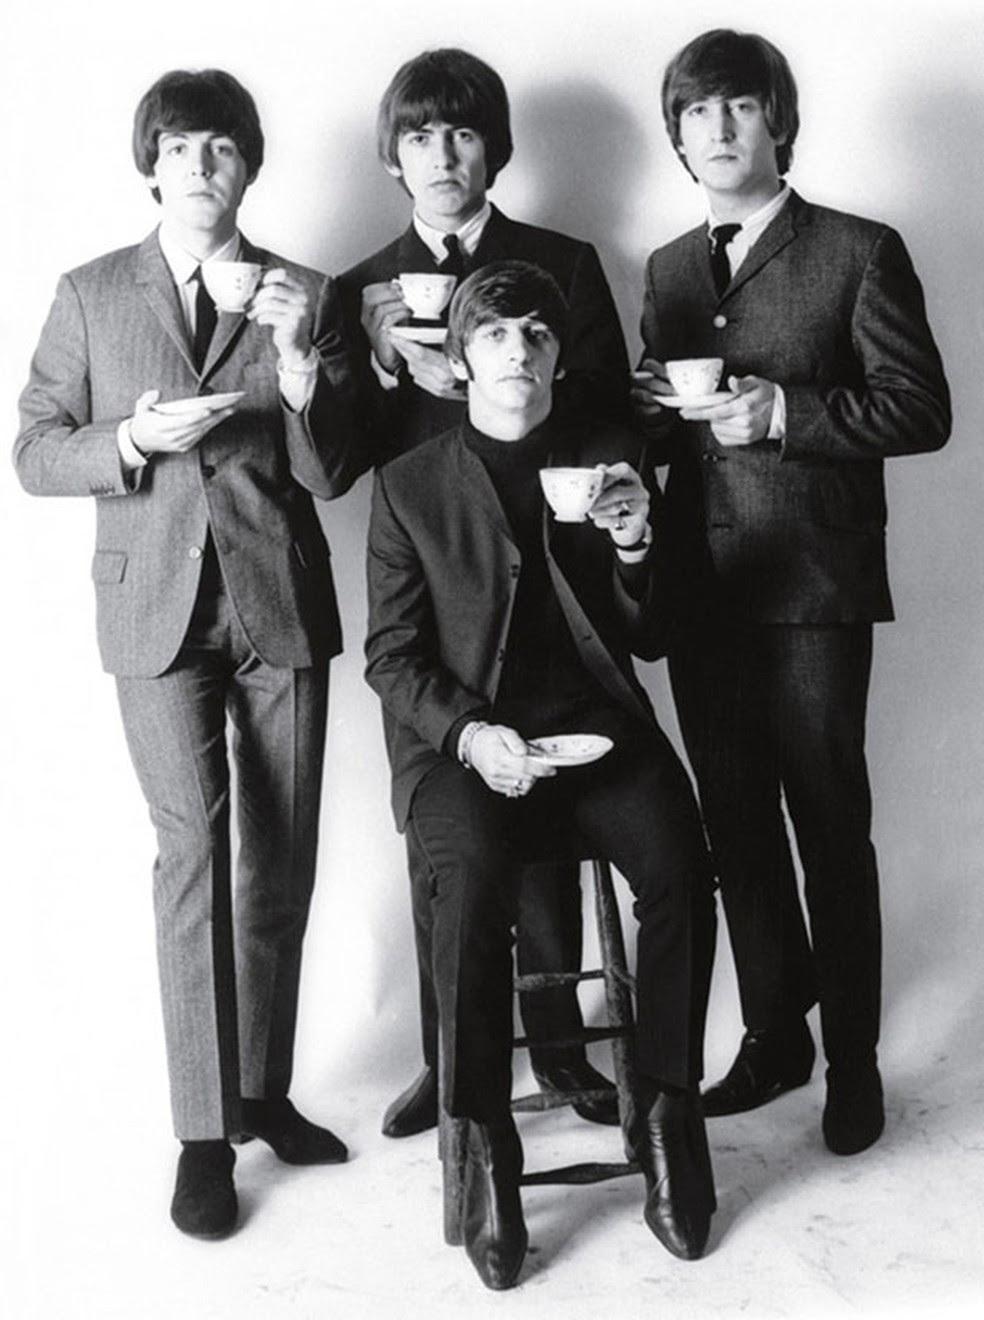 Allan Williams foi o primeiro empresário dos Beatles (Foto: Robert Whitaker)